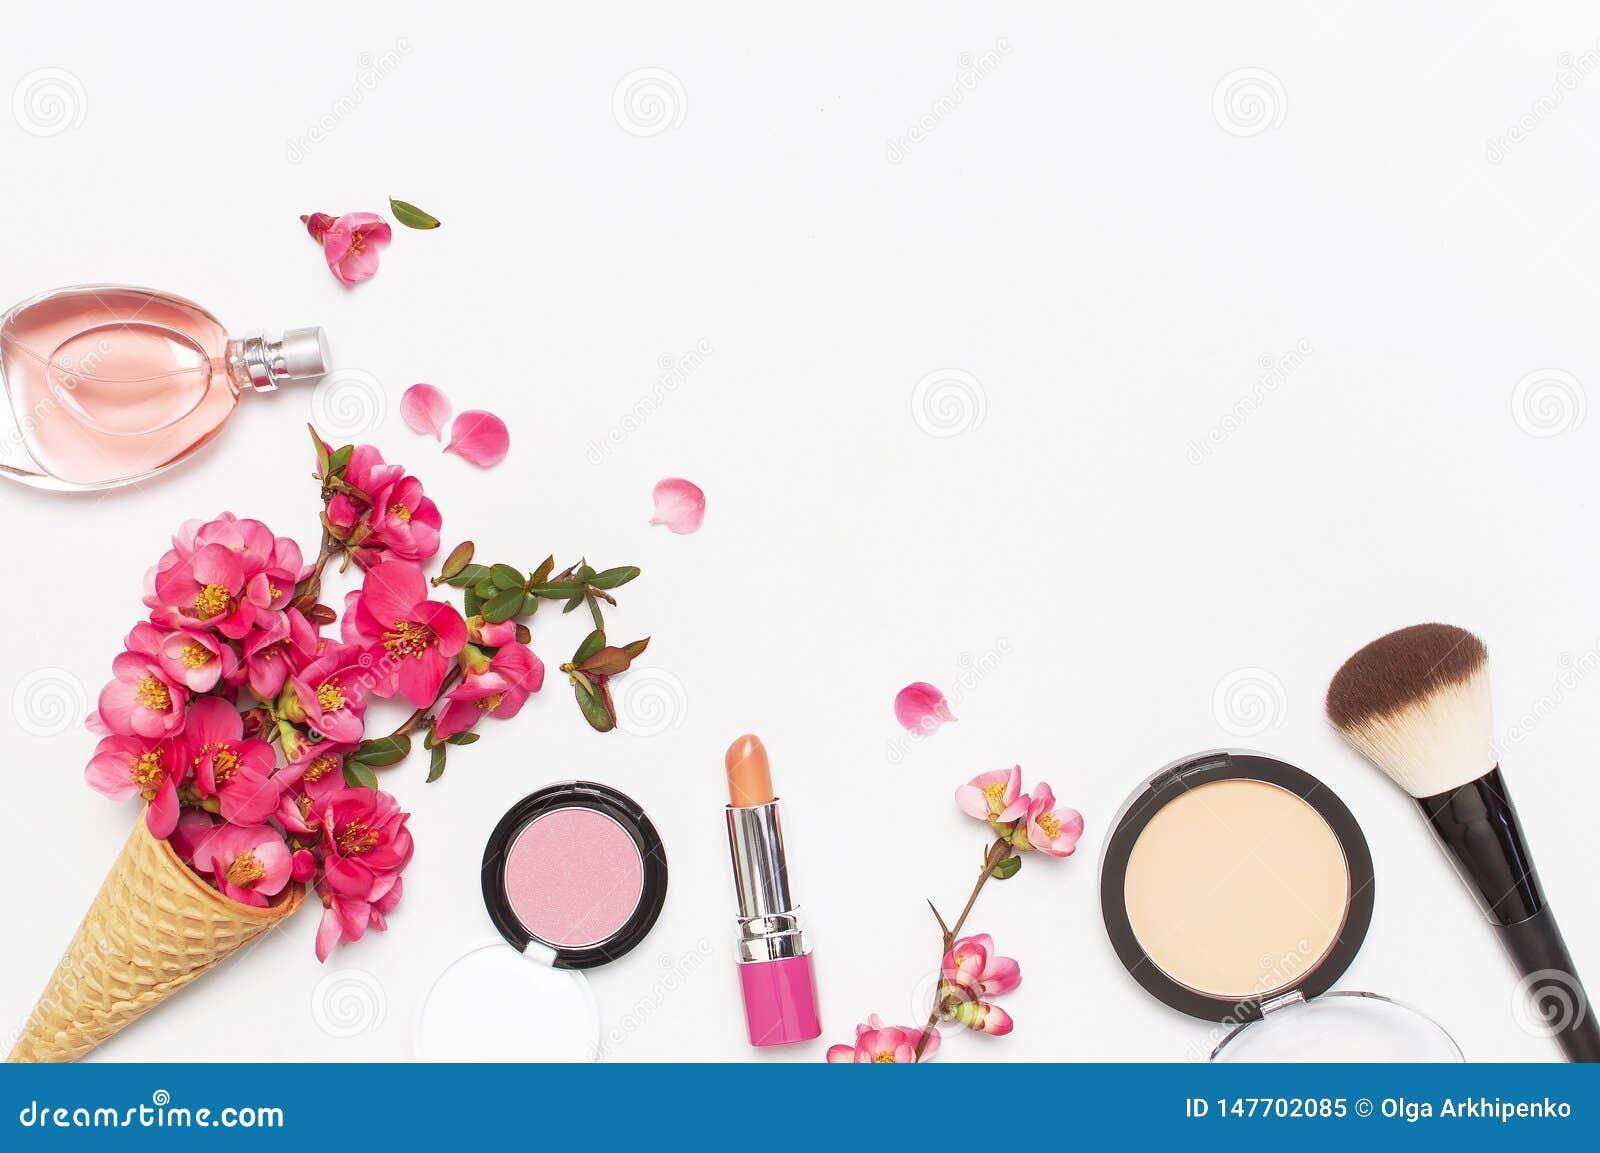 Υπόβαθρο ομορφιάς Ο κώνος βαφλών με το ρόδινο ελατήριο ανθίζει και διαφορετικό καλλυντικό makeup στο ελαφρύ υπόβαθρο Κραγιόν σκον